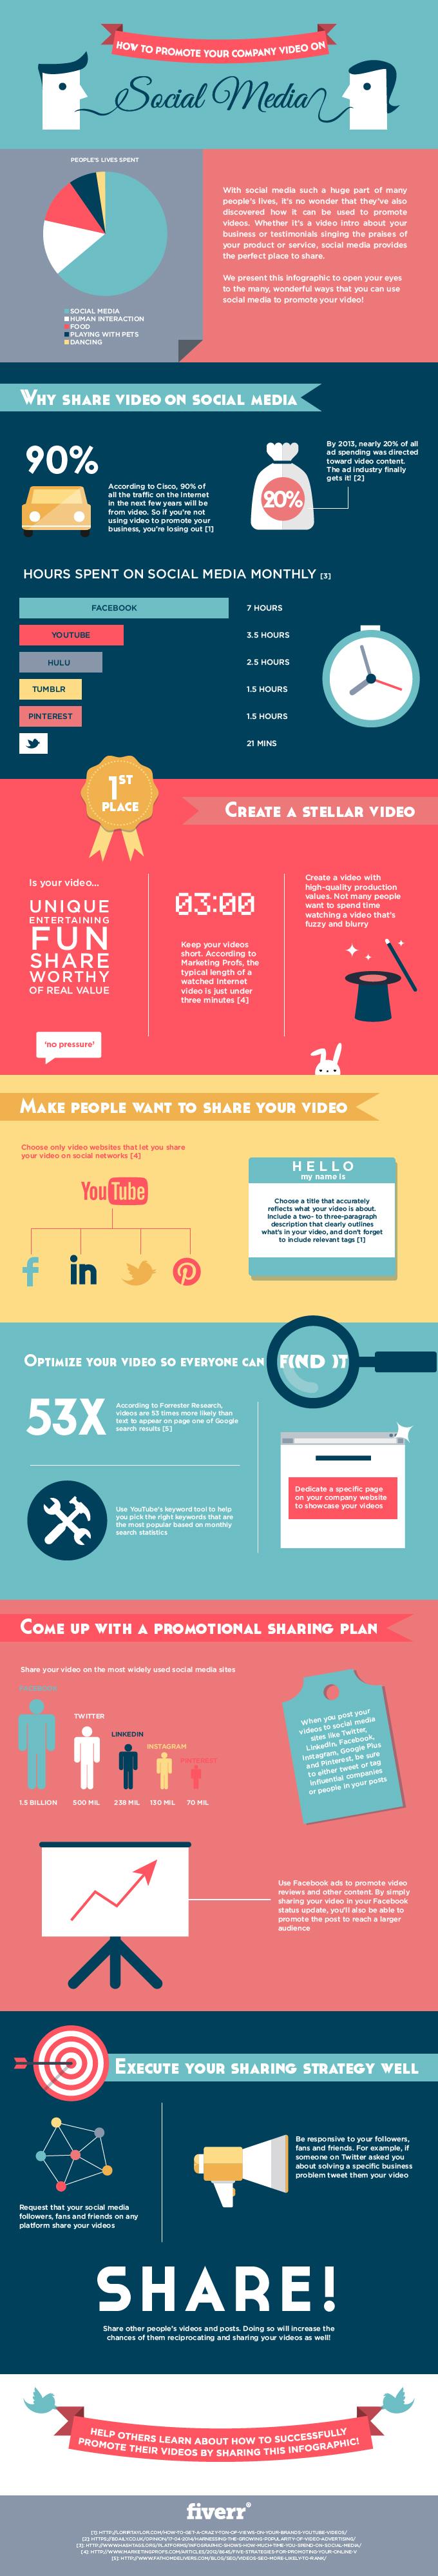 Cómo promocionar tus vídeos en Redes Sociales